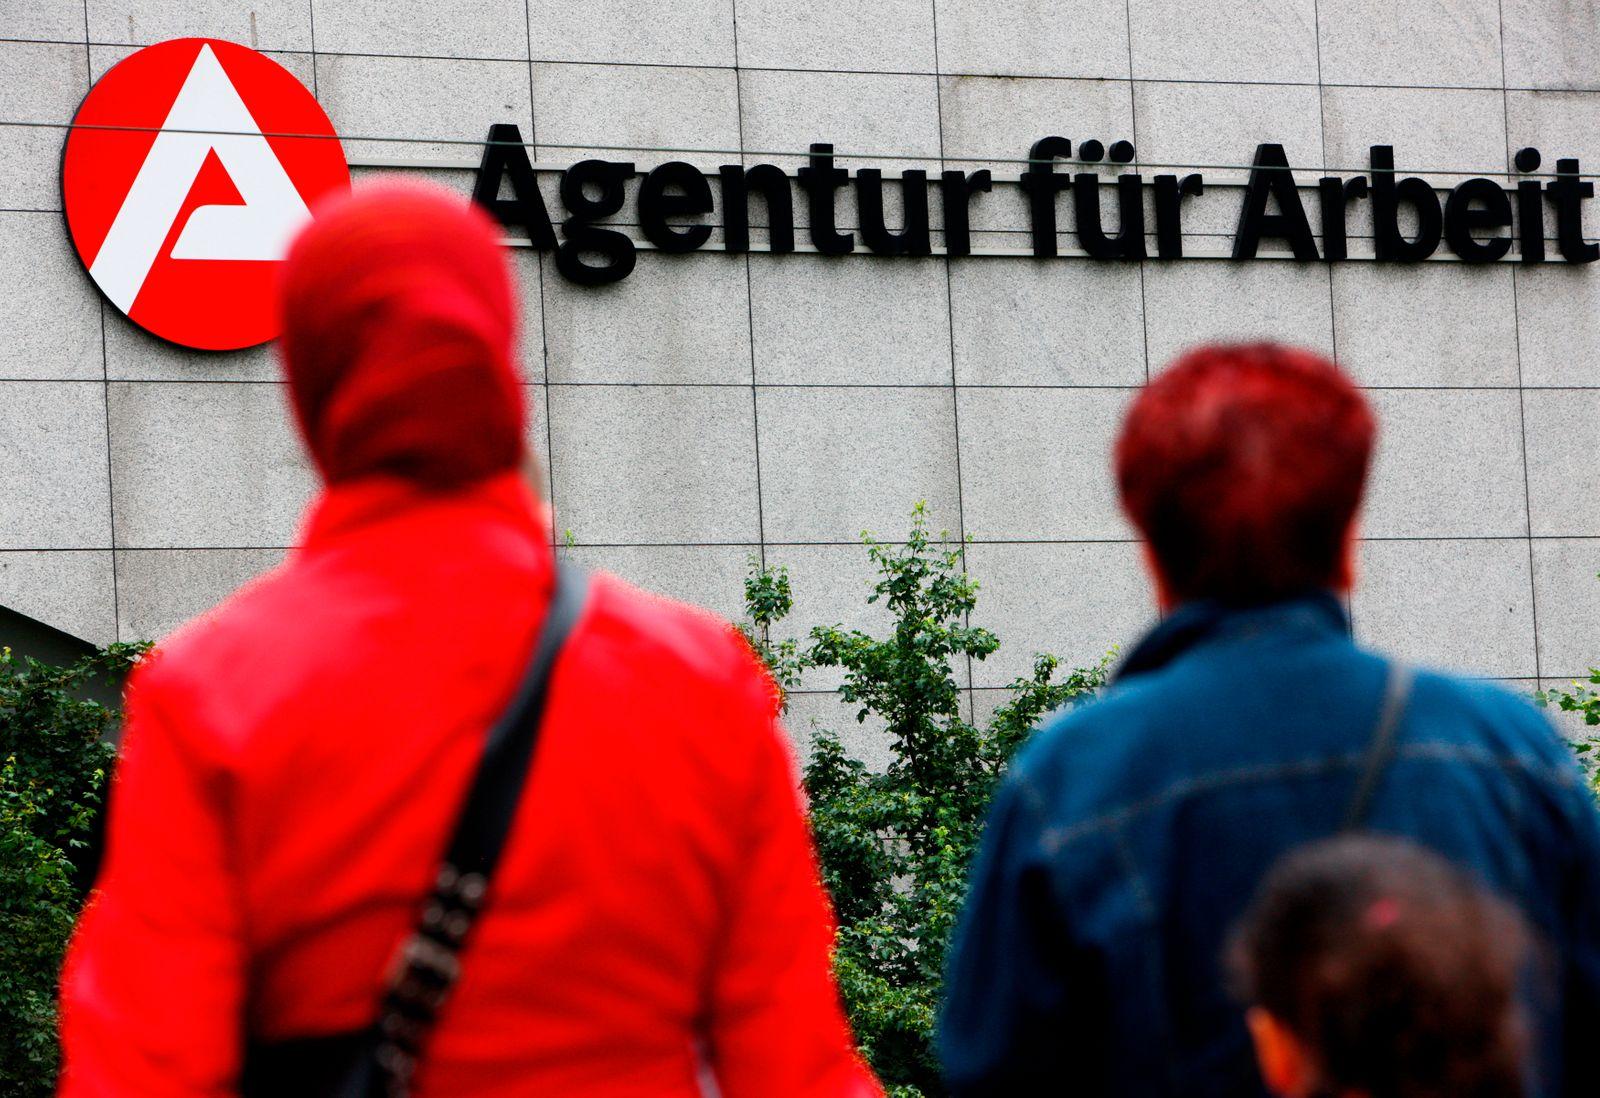 Agentur für Arbeit / Arbeitsagentur / Ausländer